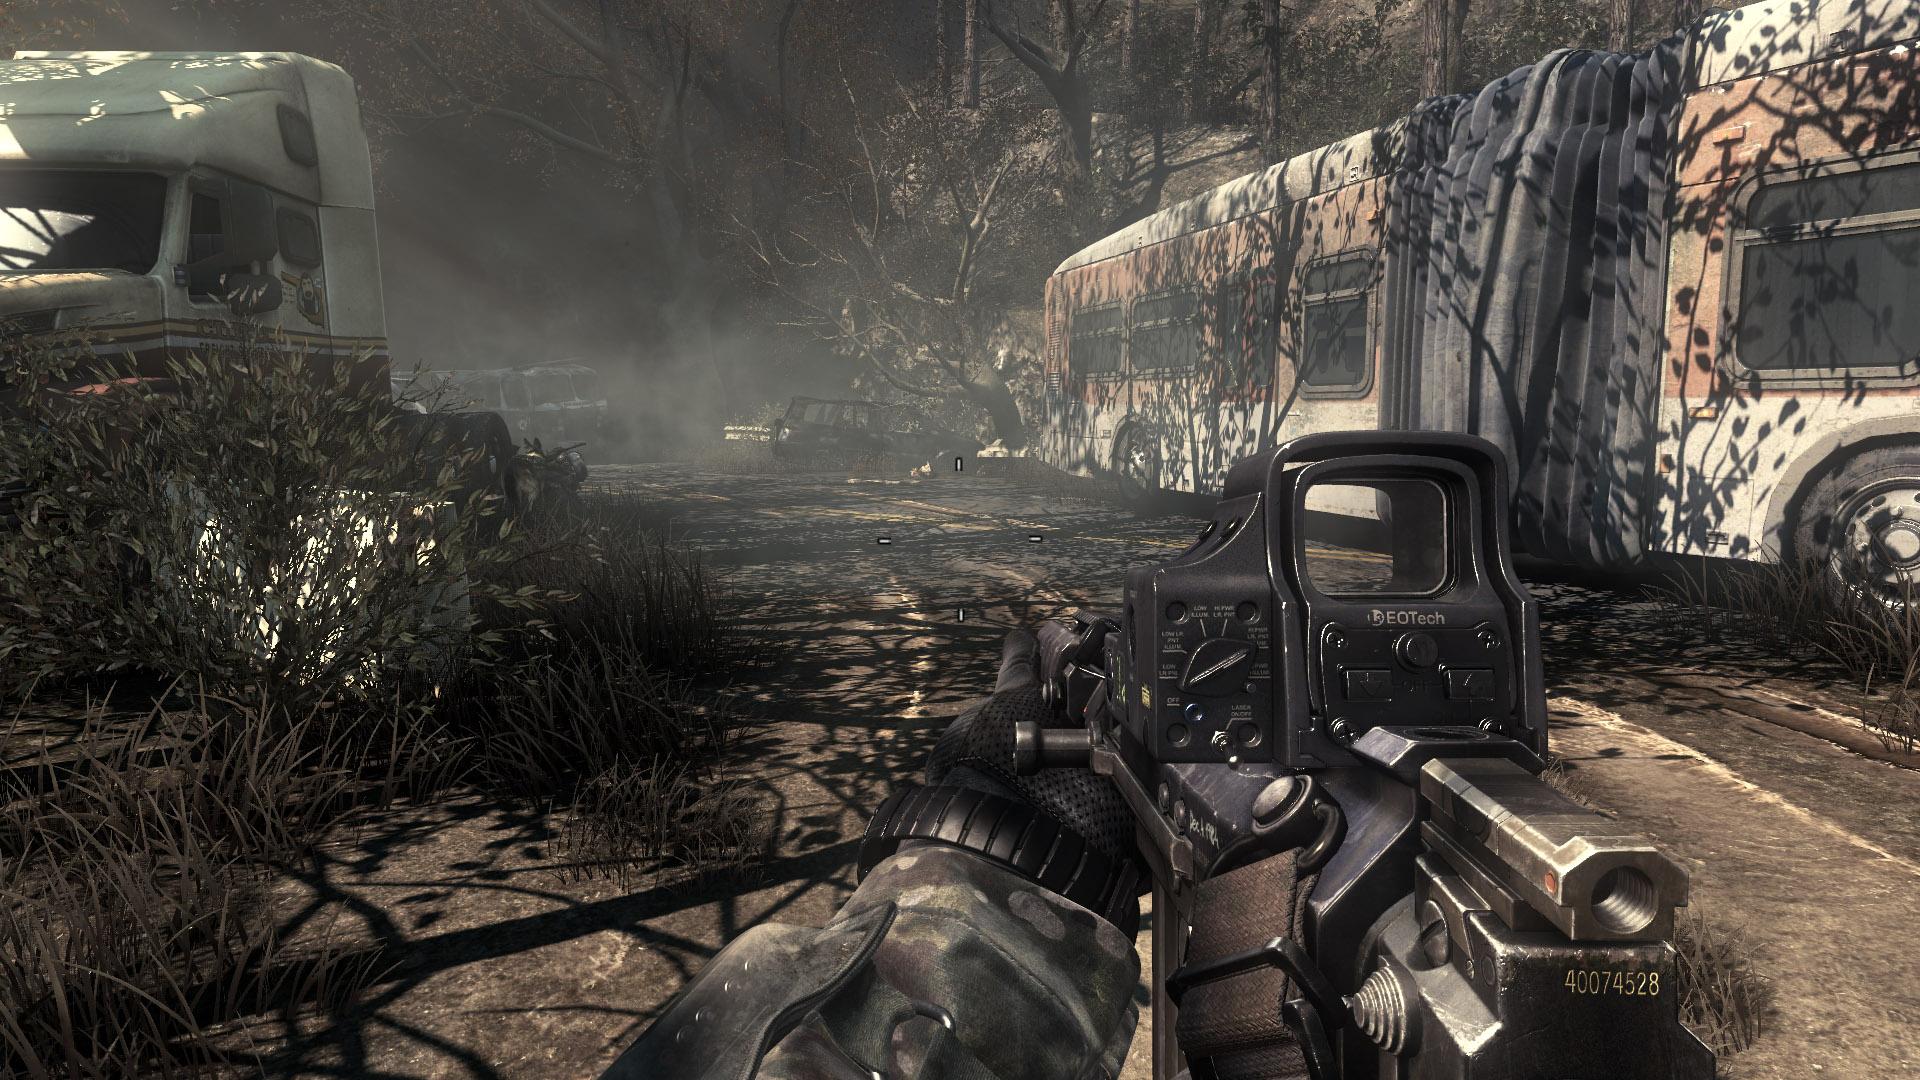 Скачать игру call of duty: advanced warfare бесплатно на компьютер.